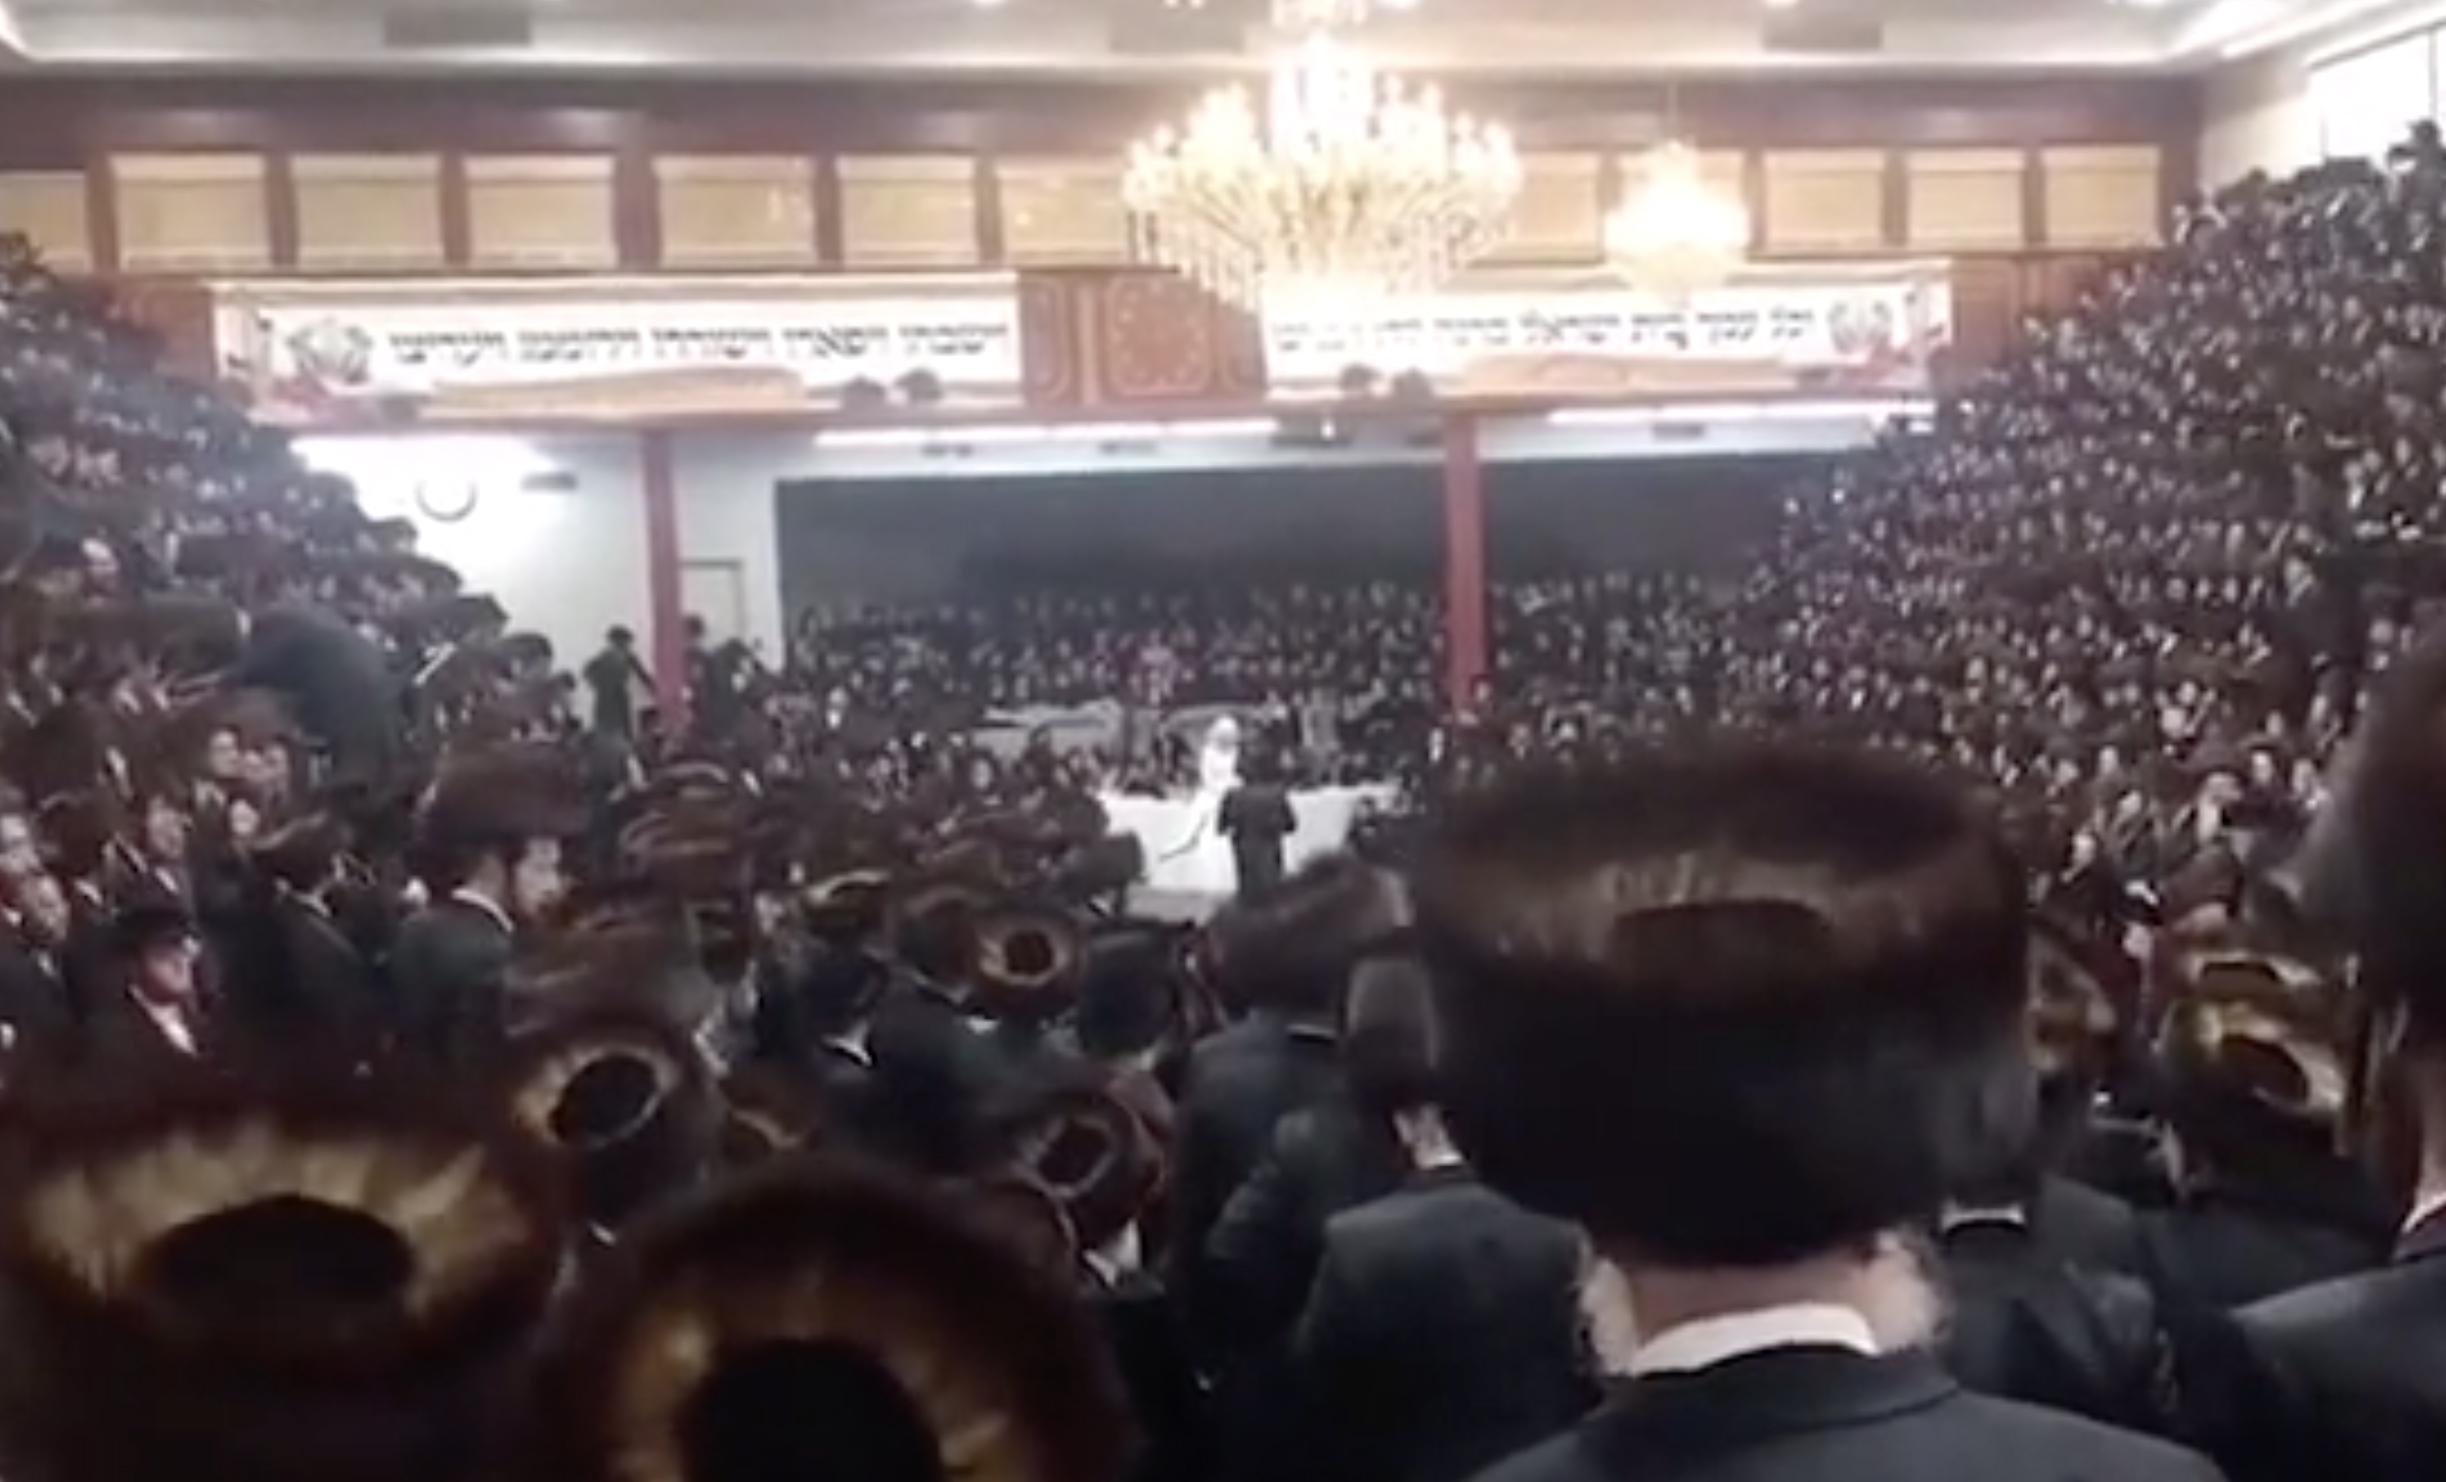 Coronavirus: Nueva York en shock tras boda judía ortodoxa con 7.000 asistentes; Perú vacunará a 24 millones de personas en 2021